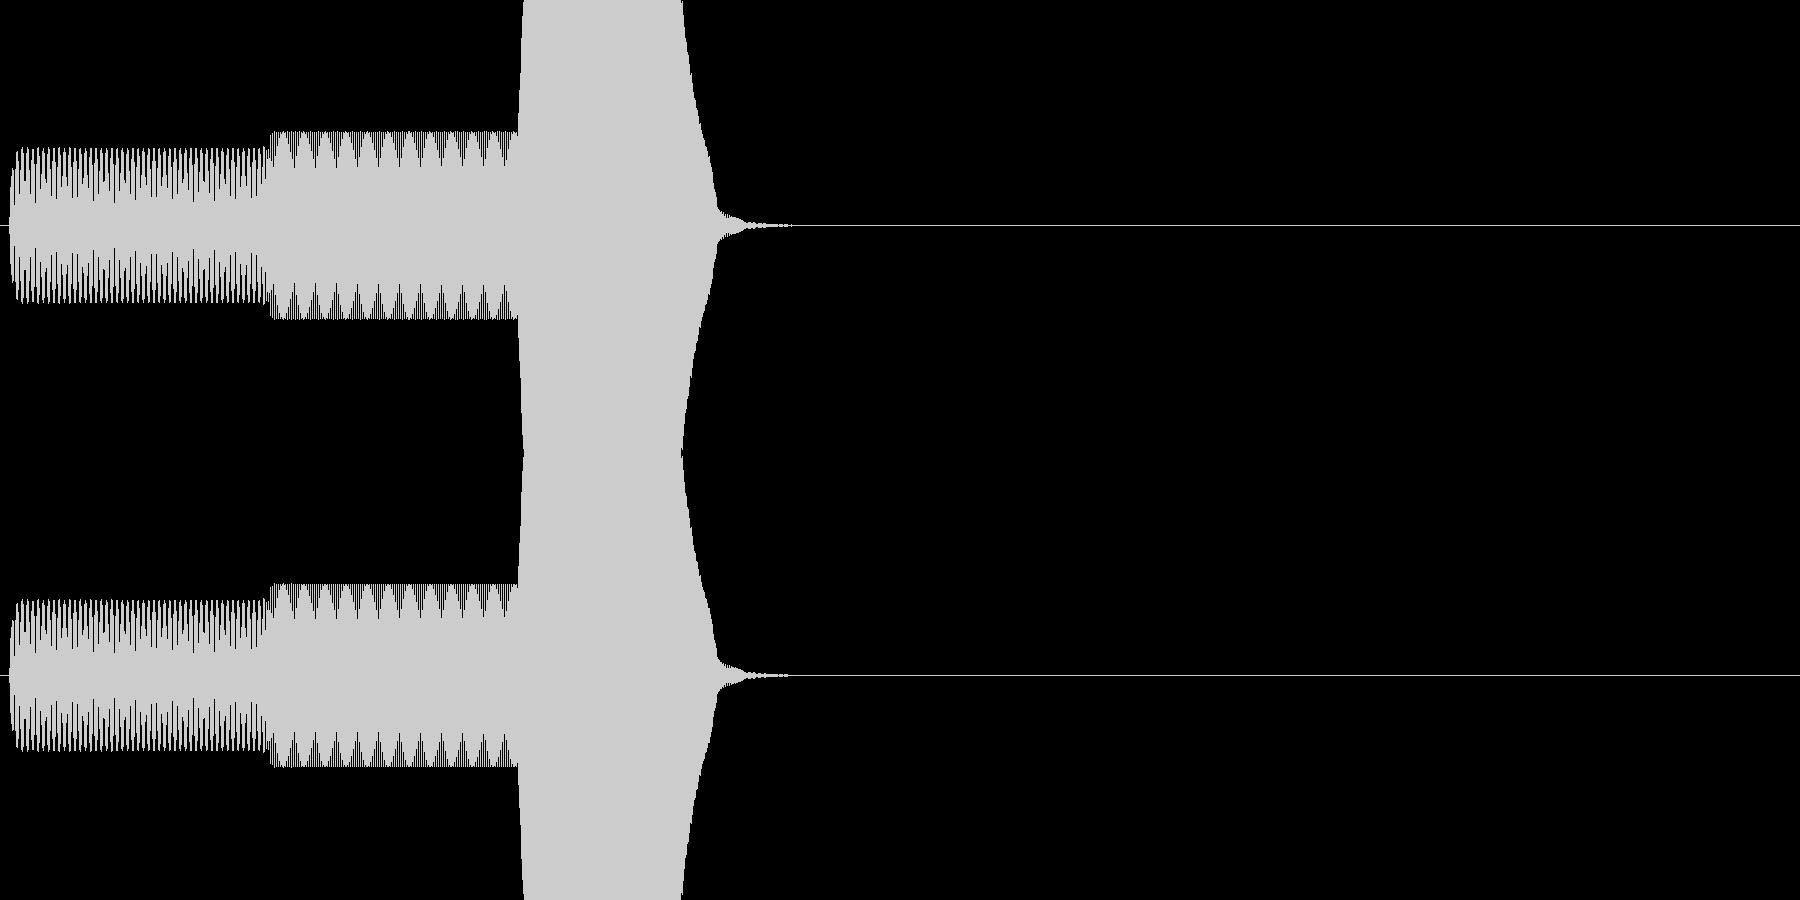 ゲーム系カーソル選択音01 (進む)の未再生の波形